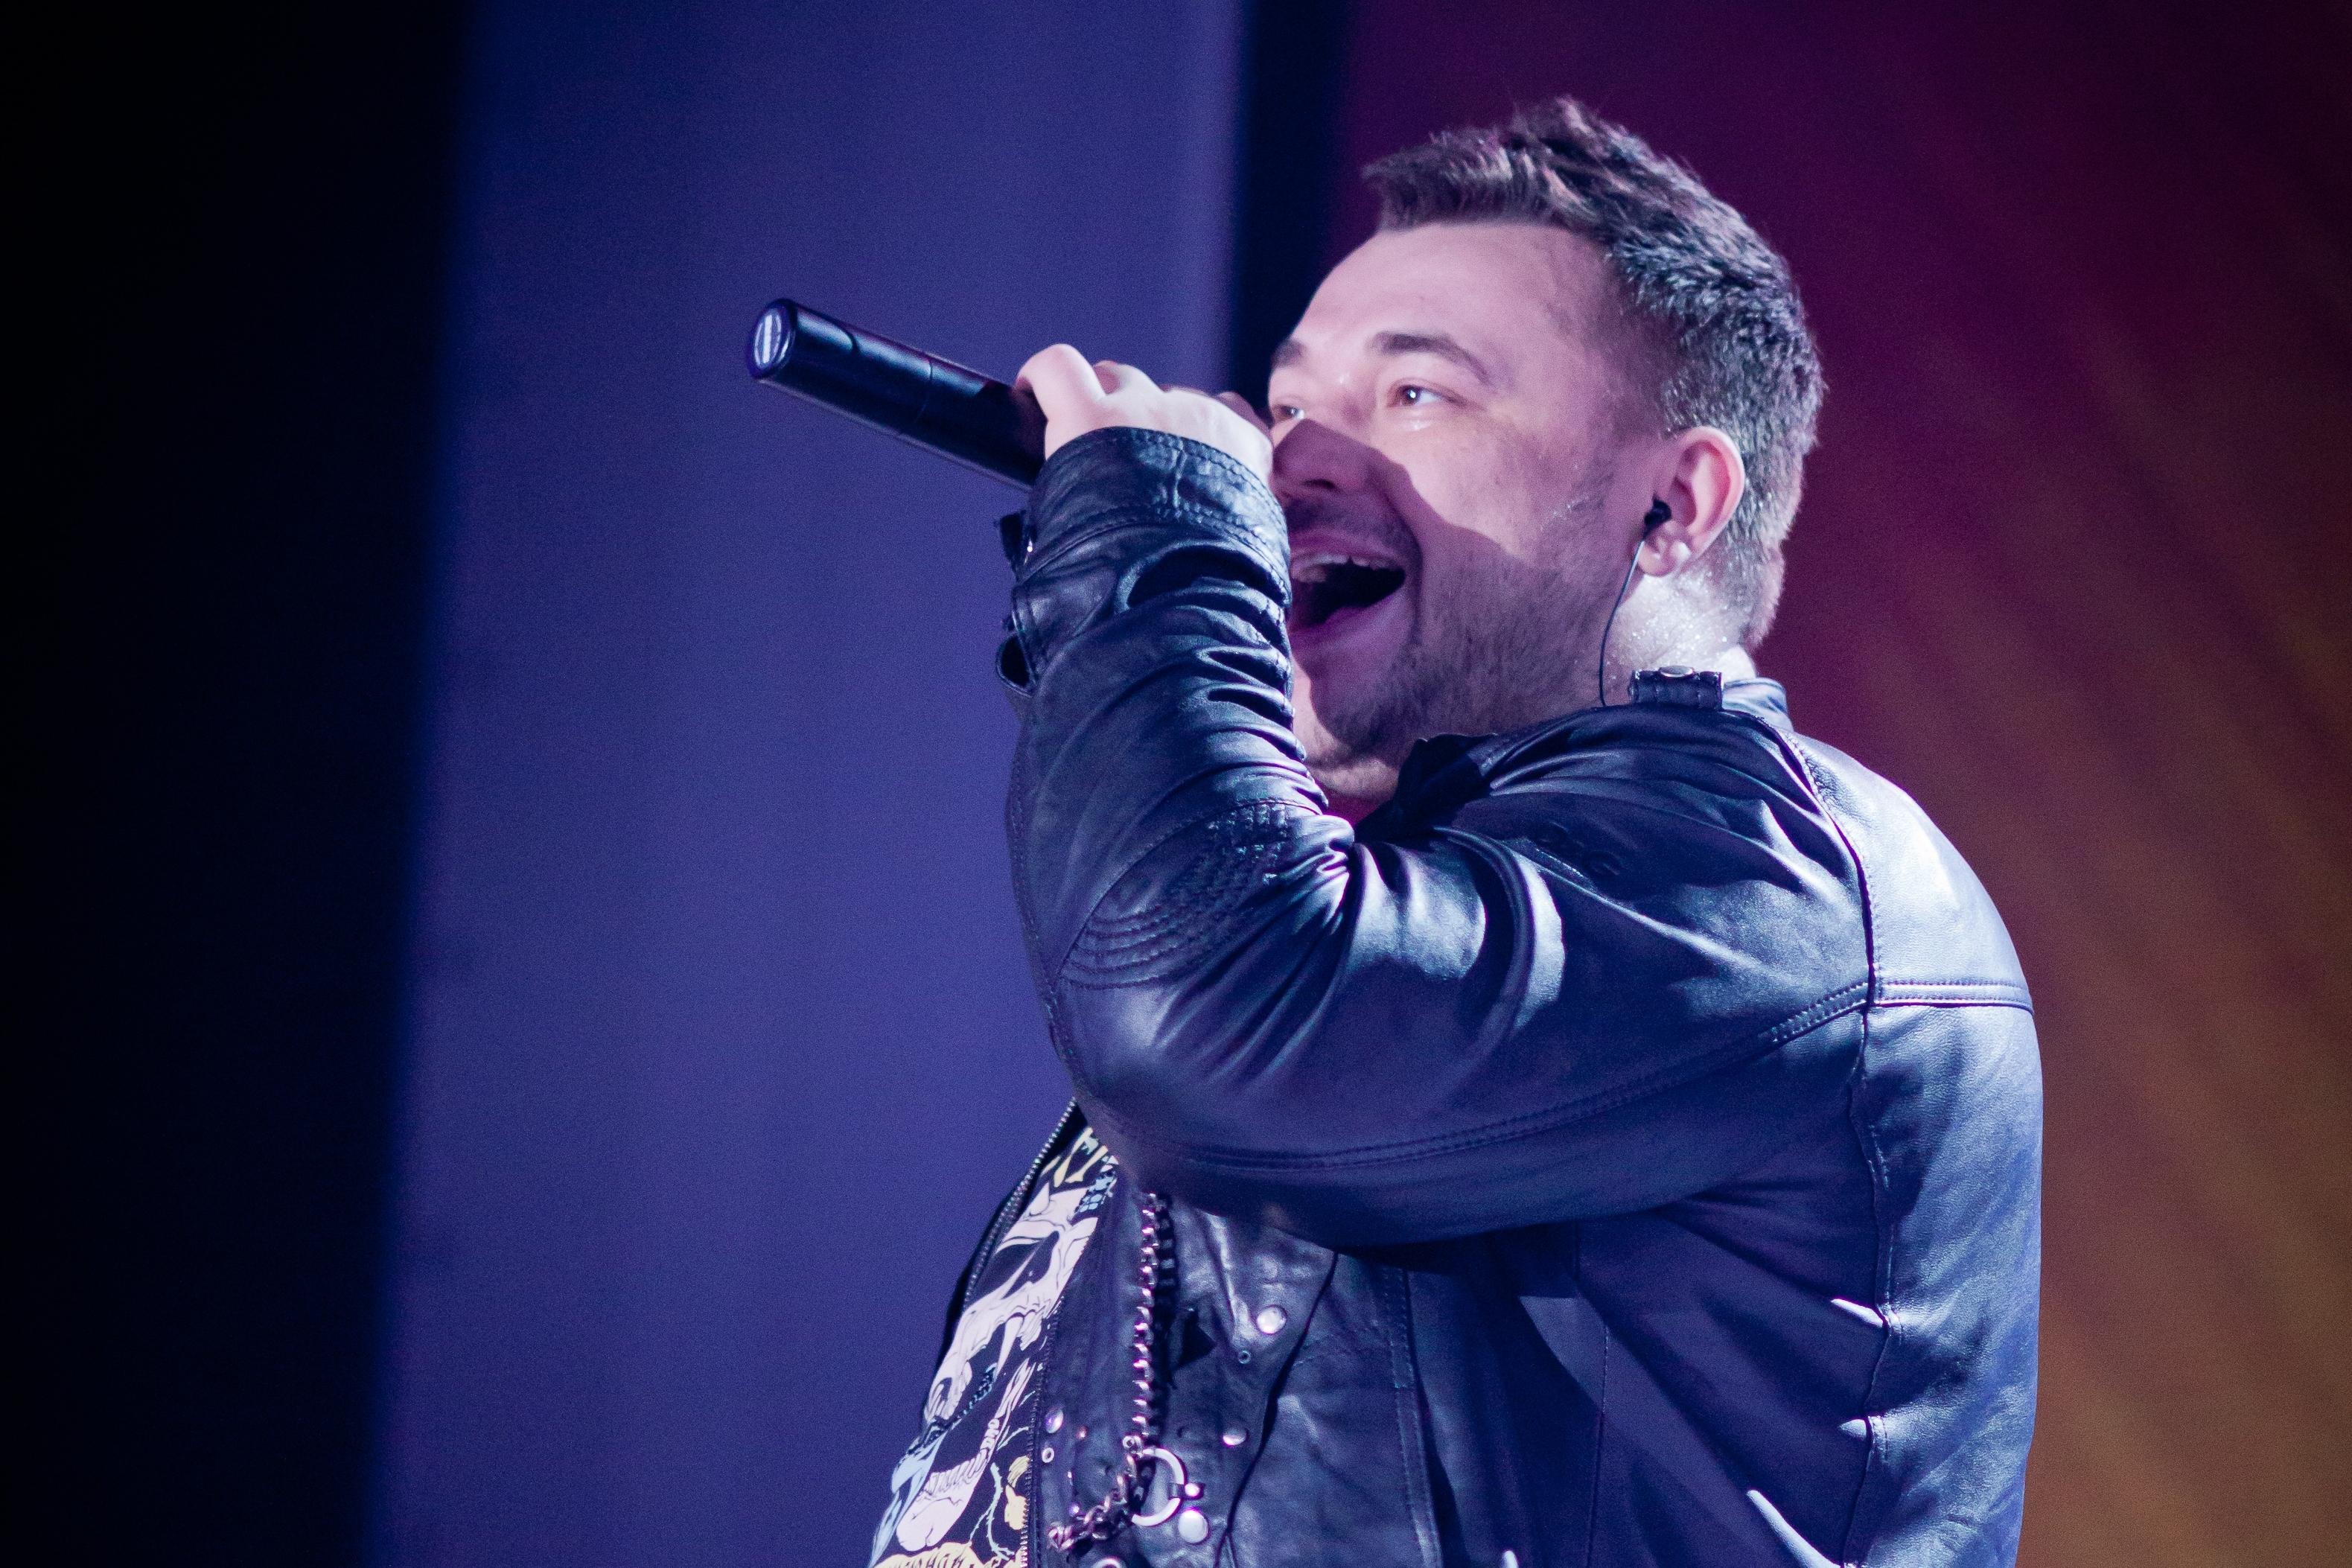 Сергей Жуков выпустил первый трек после болезни